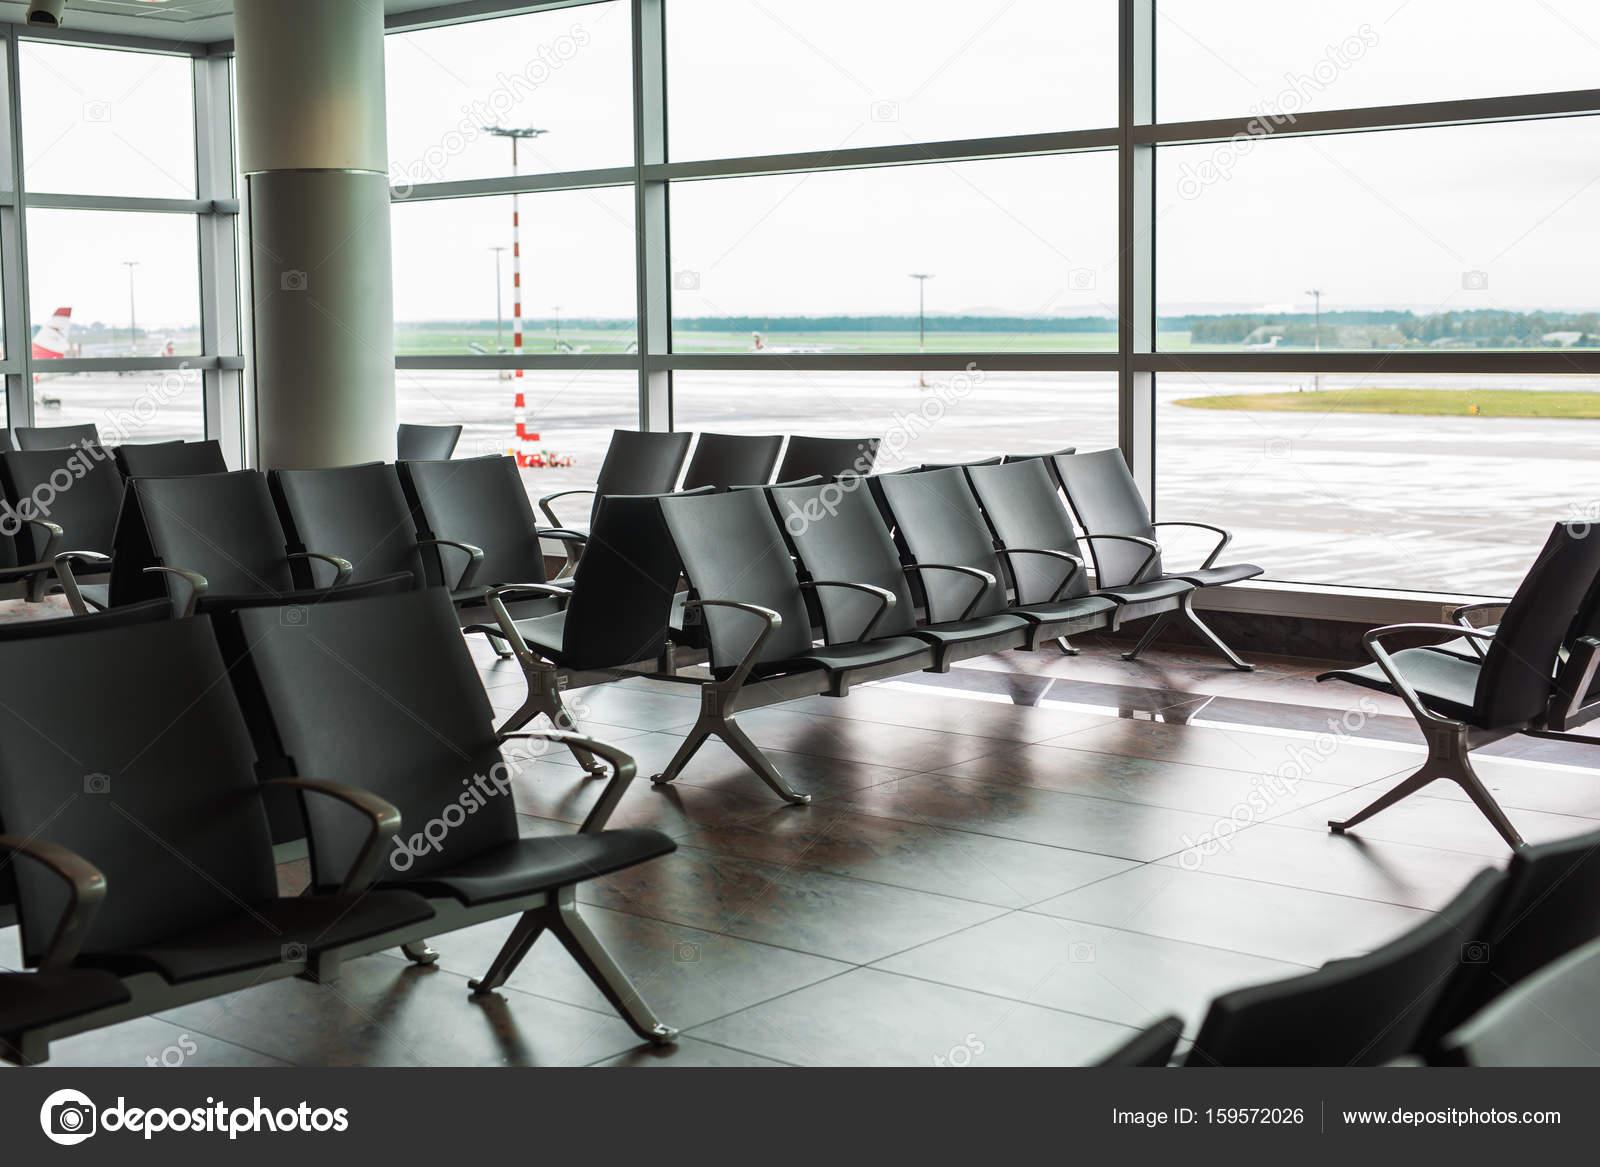 Eigentijdse lounge met zetels in de luchthaven u stockfoto